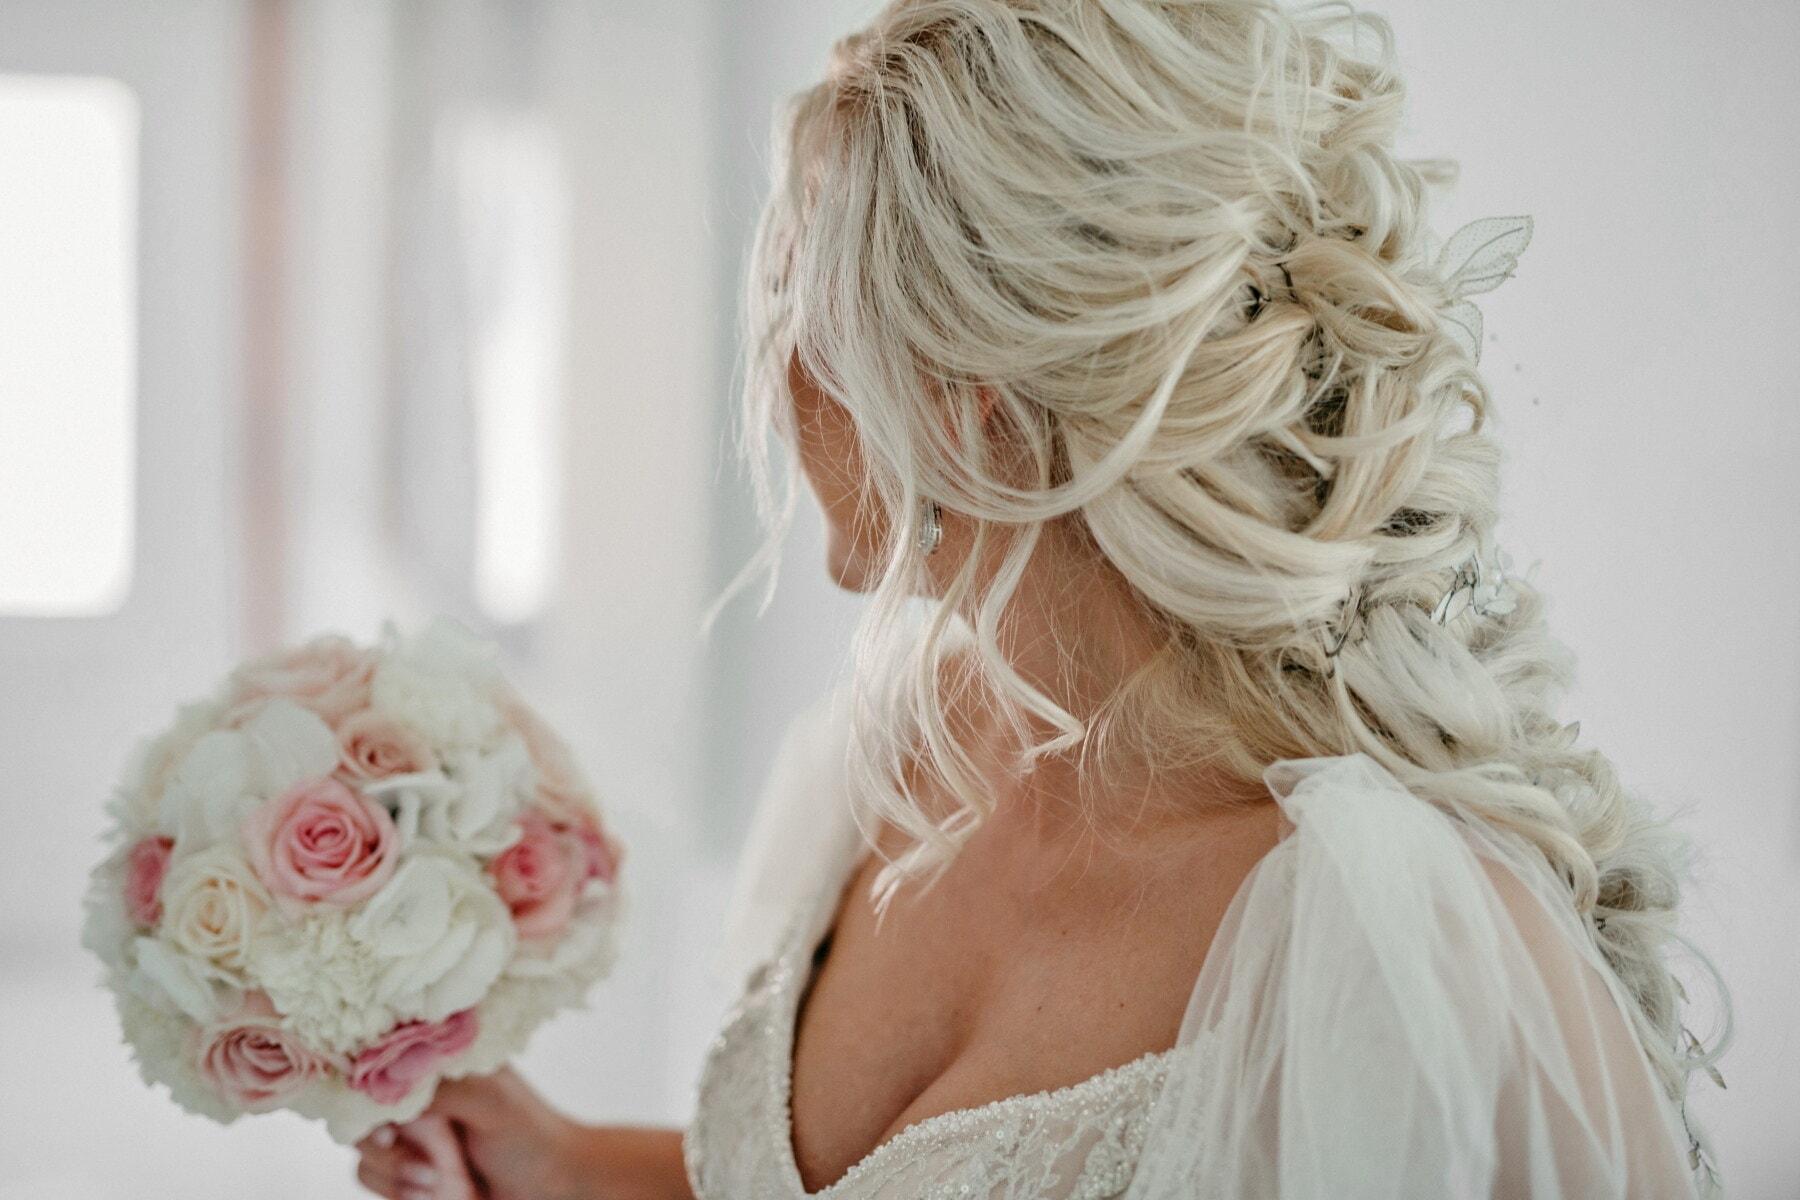 bride, blonde hair, hairstyle, blonde, wedding dress, wedding bouquet, side view, wig, shoulder, hair